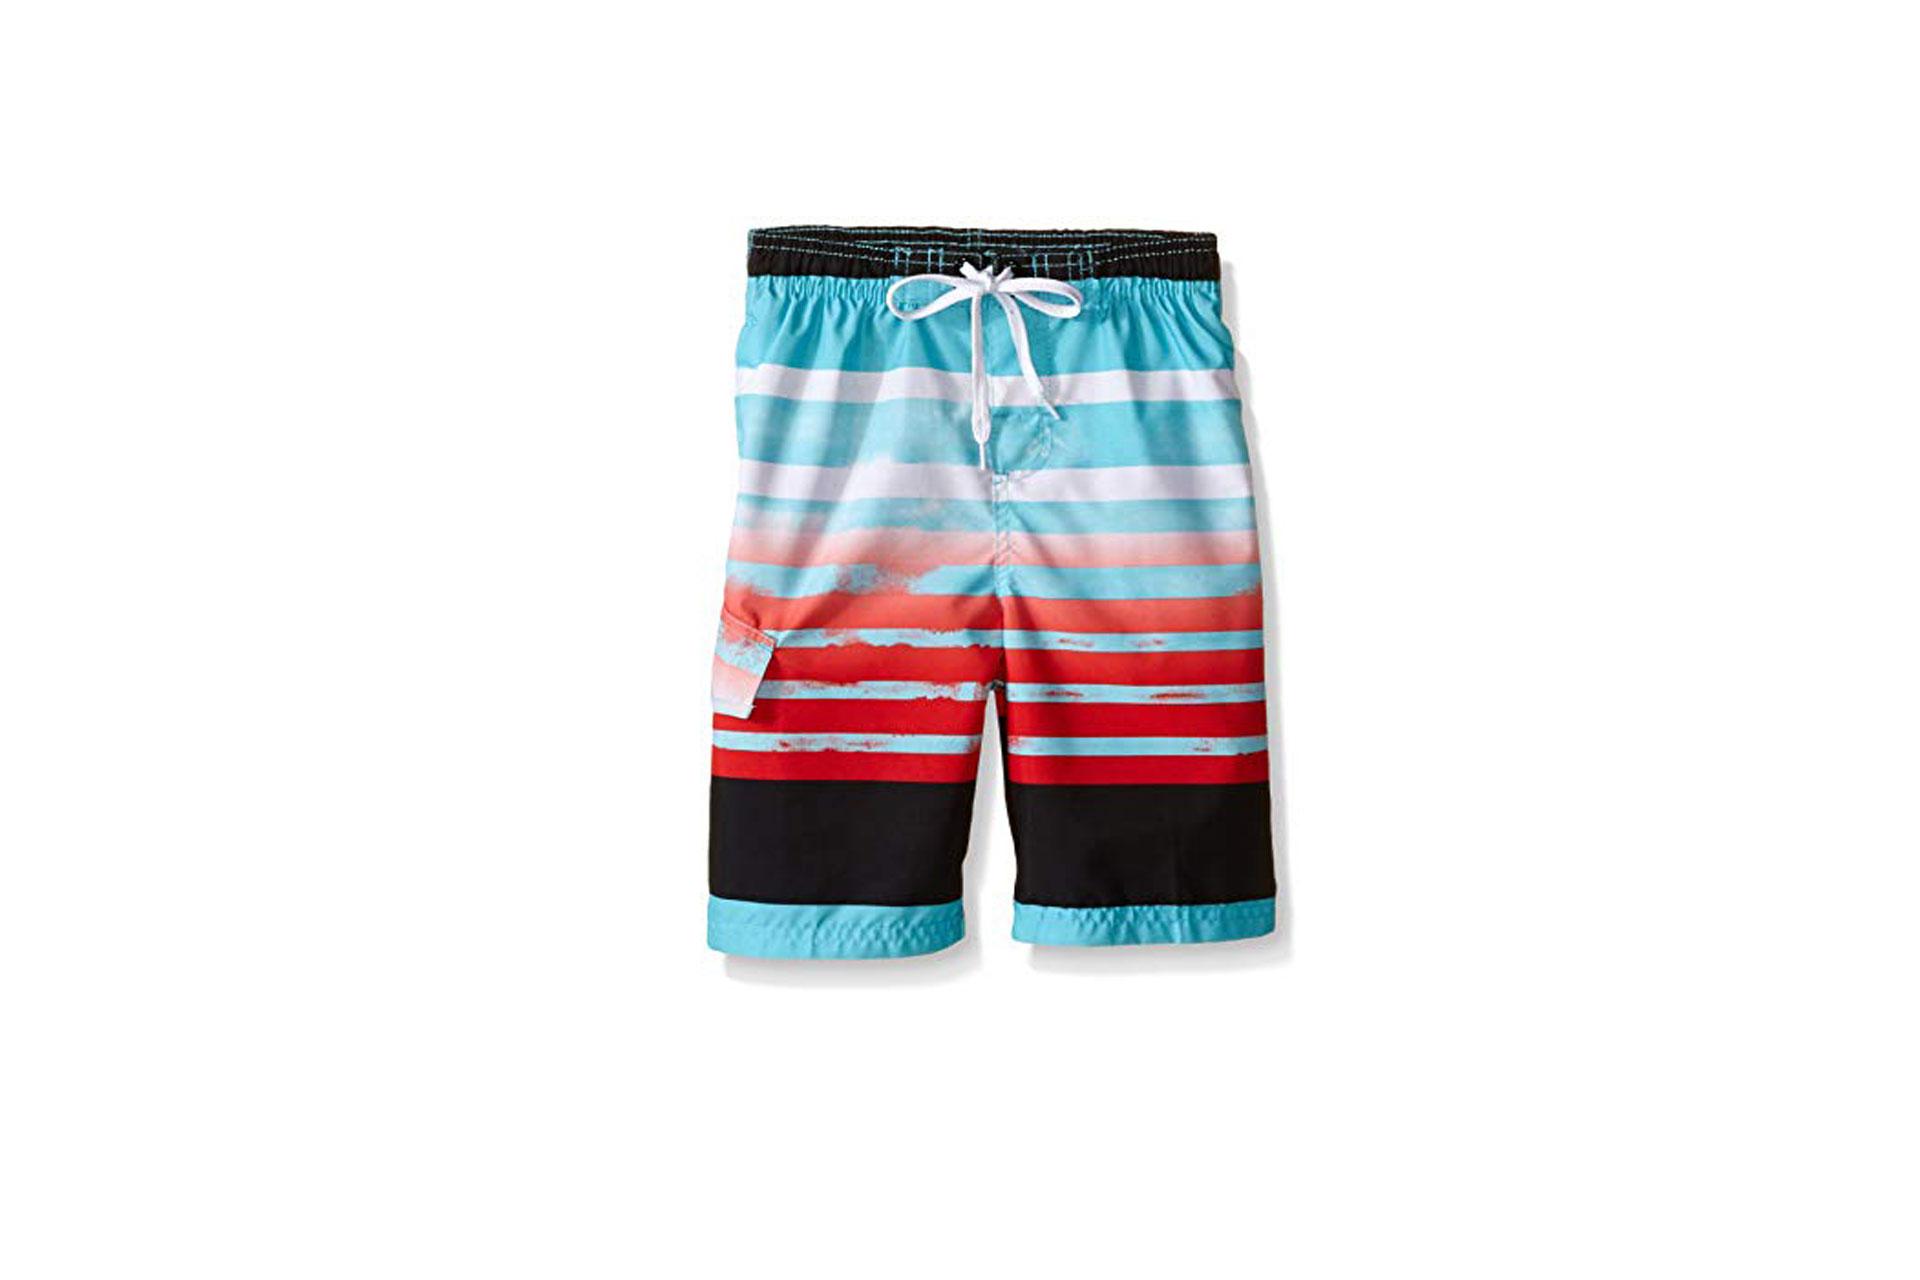 Boys Bathing Suit; Courtesy of Amazon